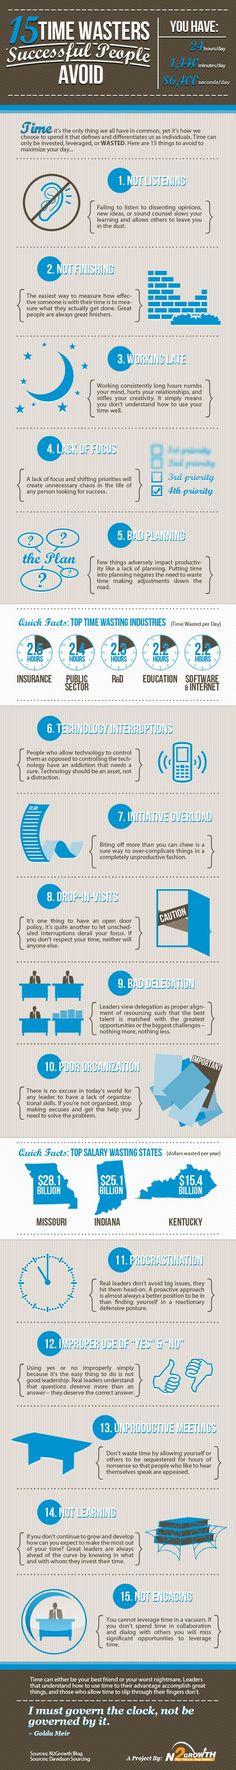 15 maneras habituales de perder el tiempo.